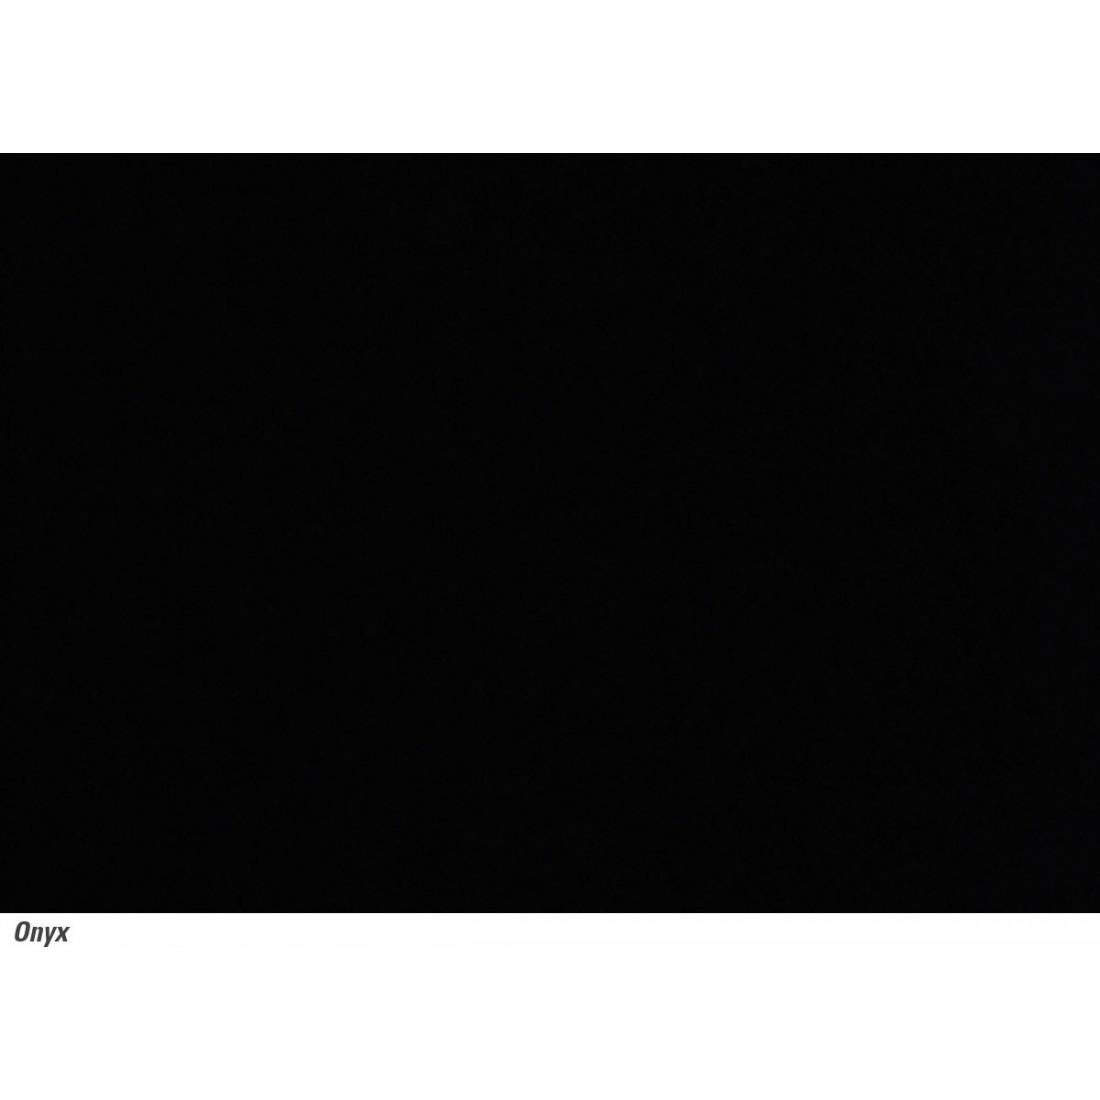 Keraminė plautuvė Franke Mythos, MTK 610-58, Onyx, 2 išgręžtos skylės